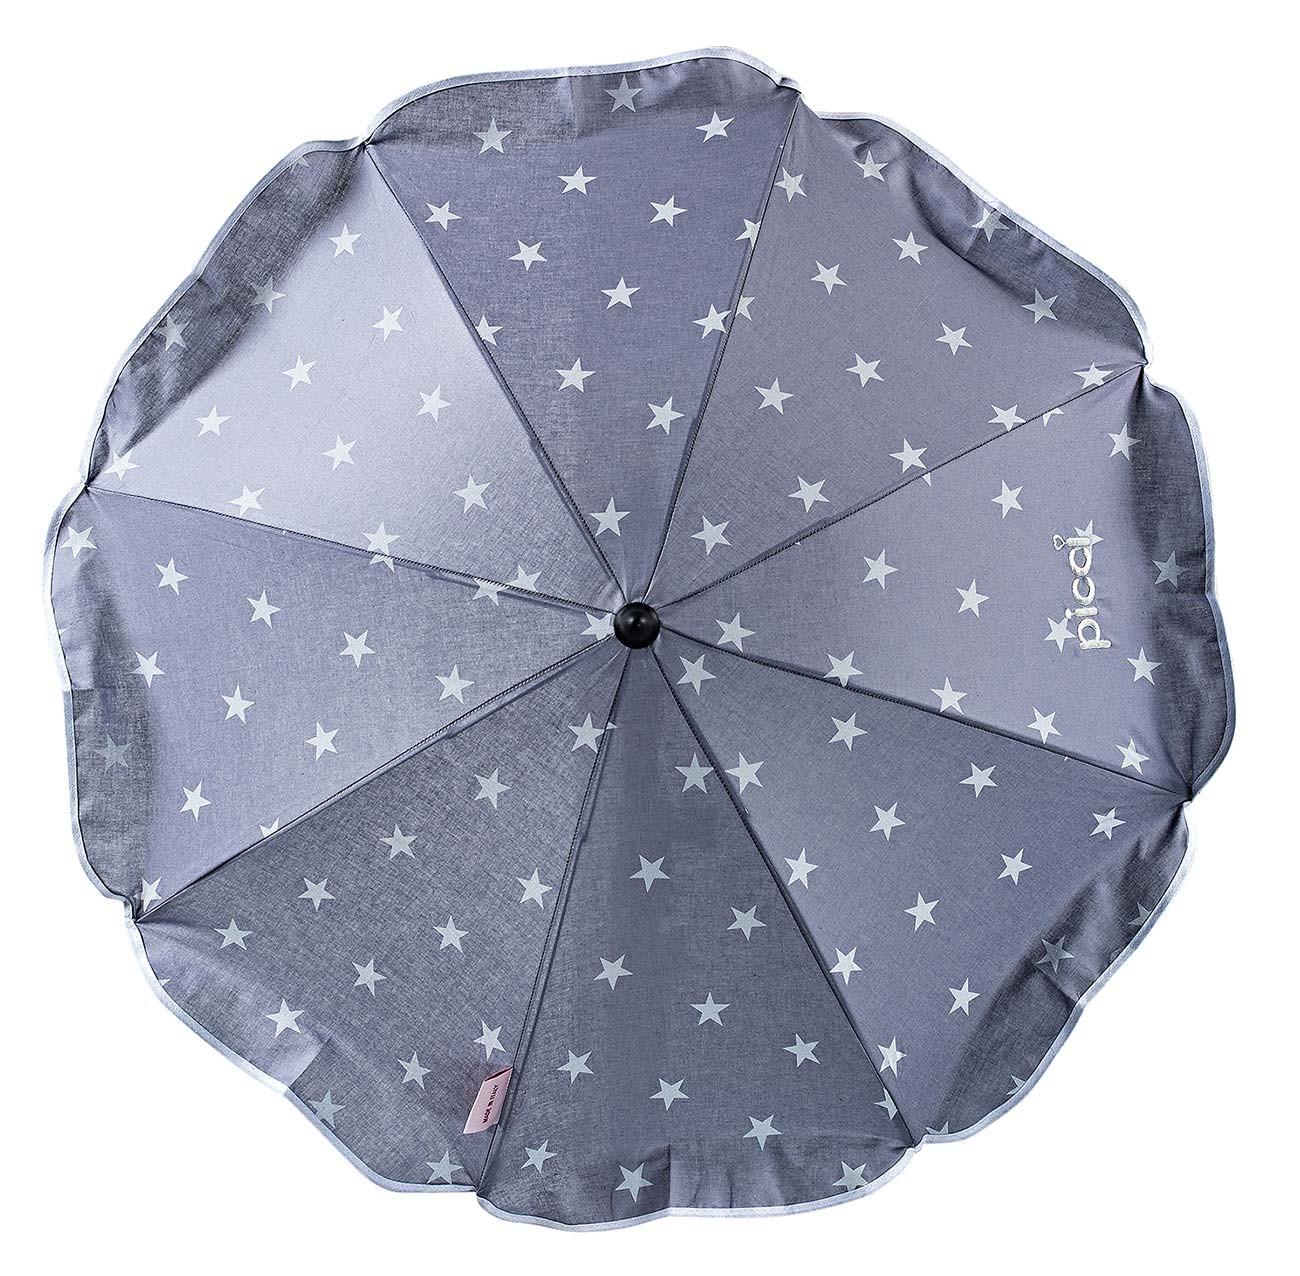 Sombrilla con estrellas para silla de paseo Gris